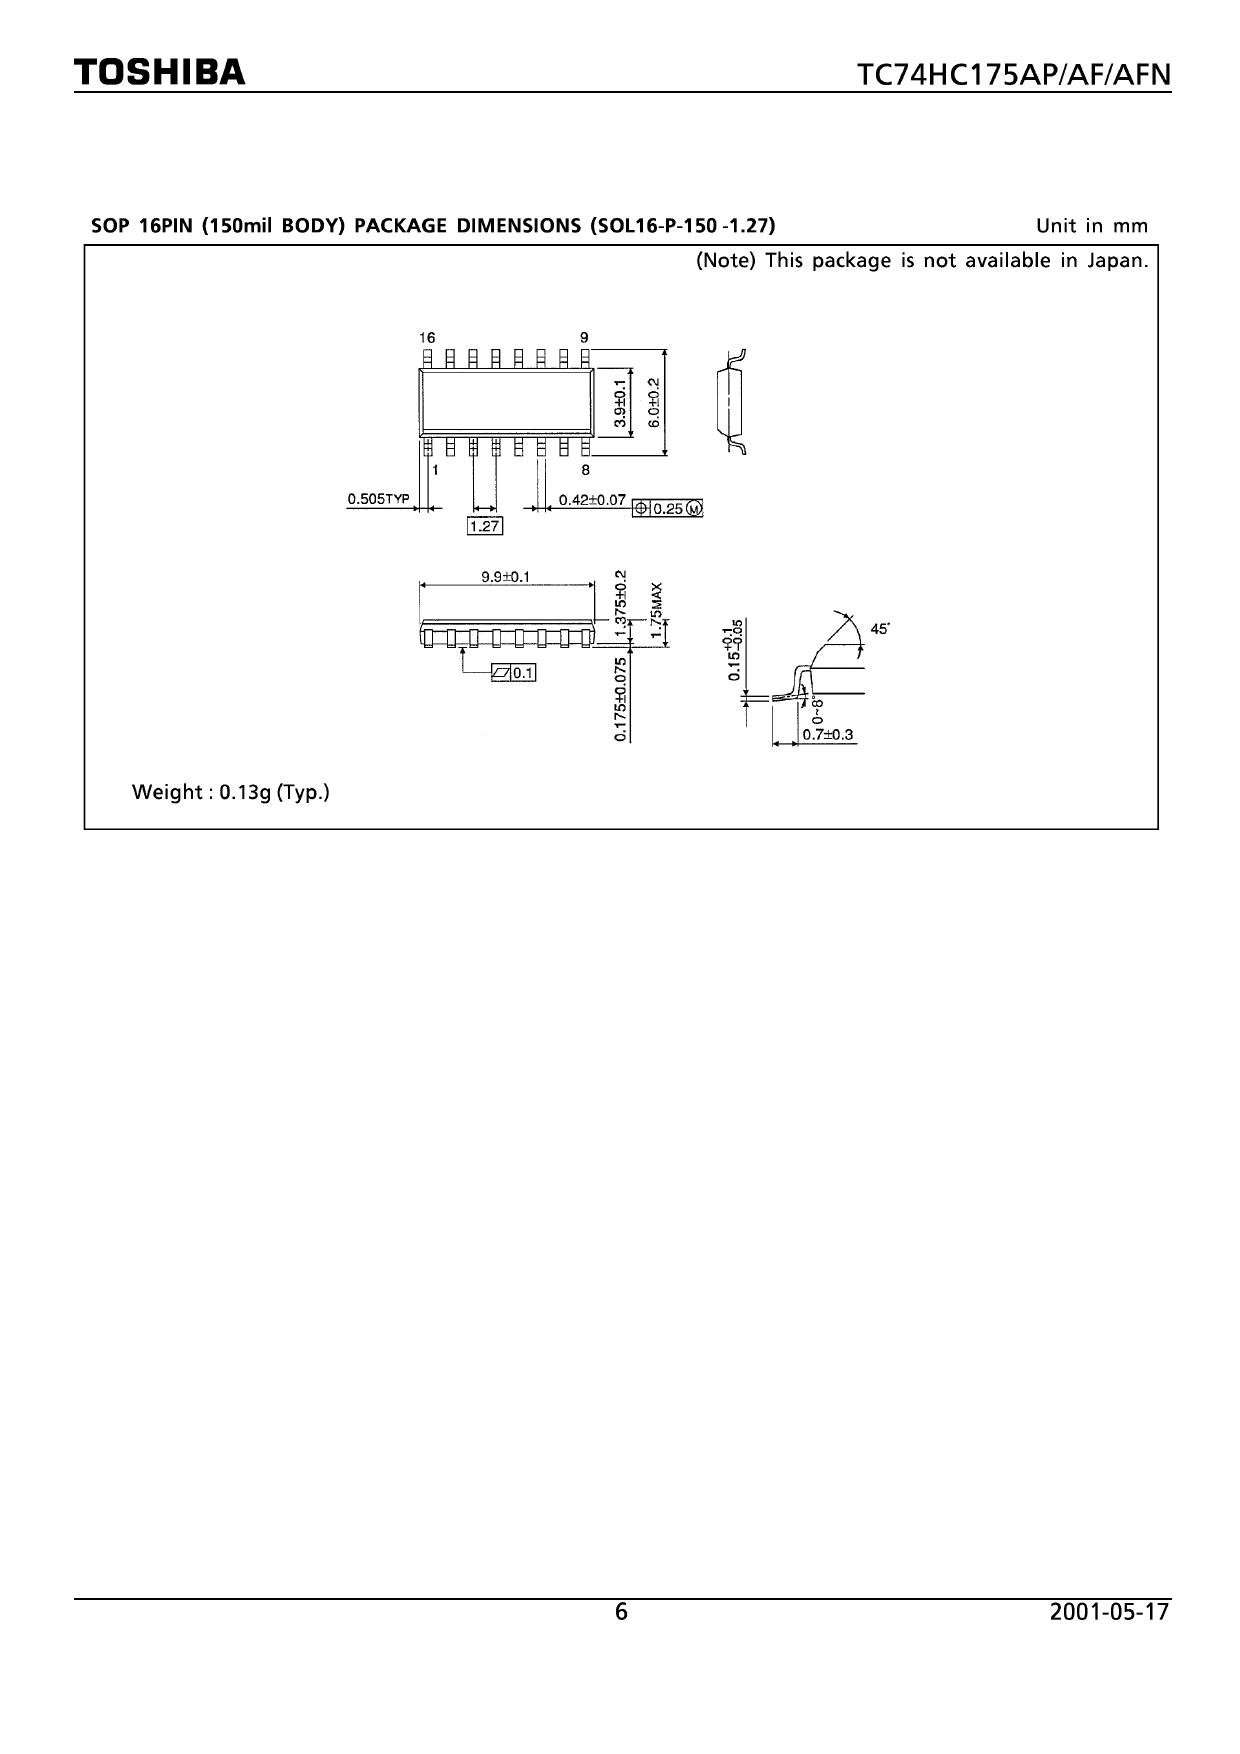 74HC175AP 電子部品, 半導体